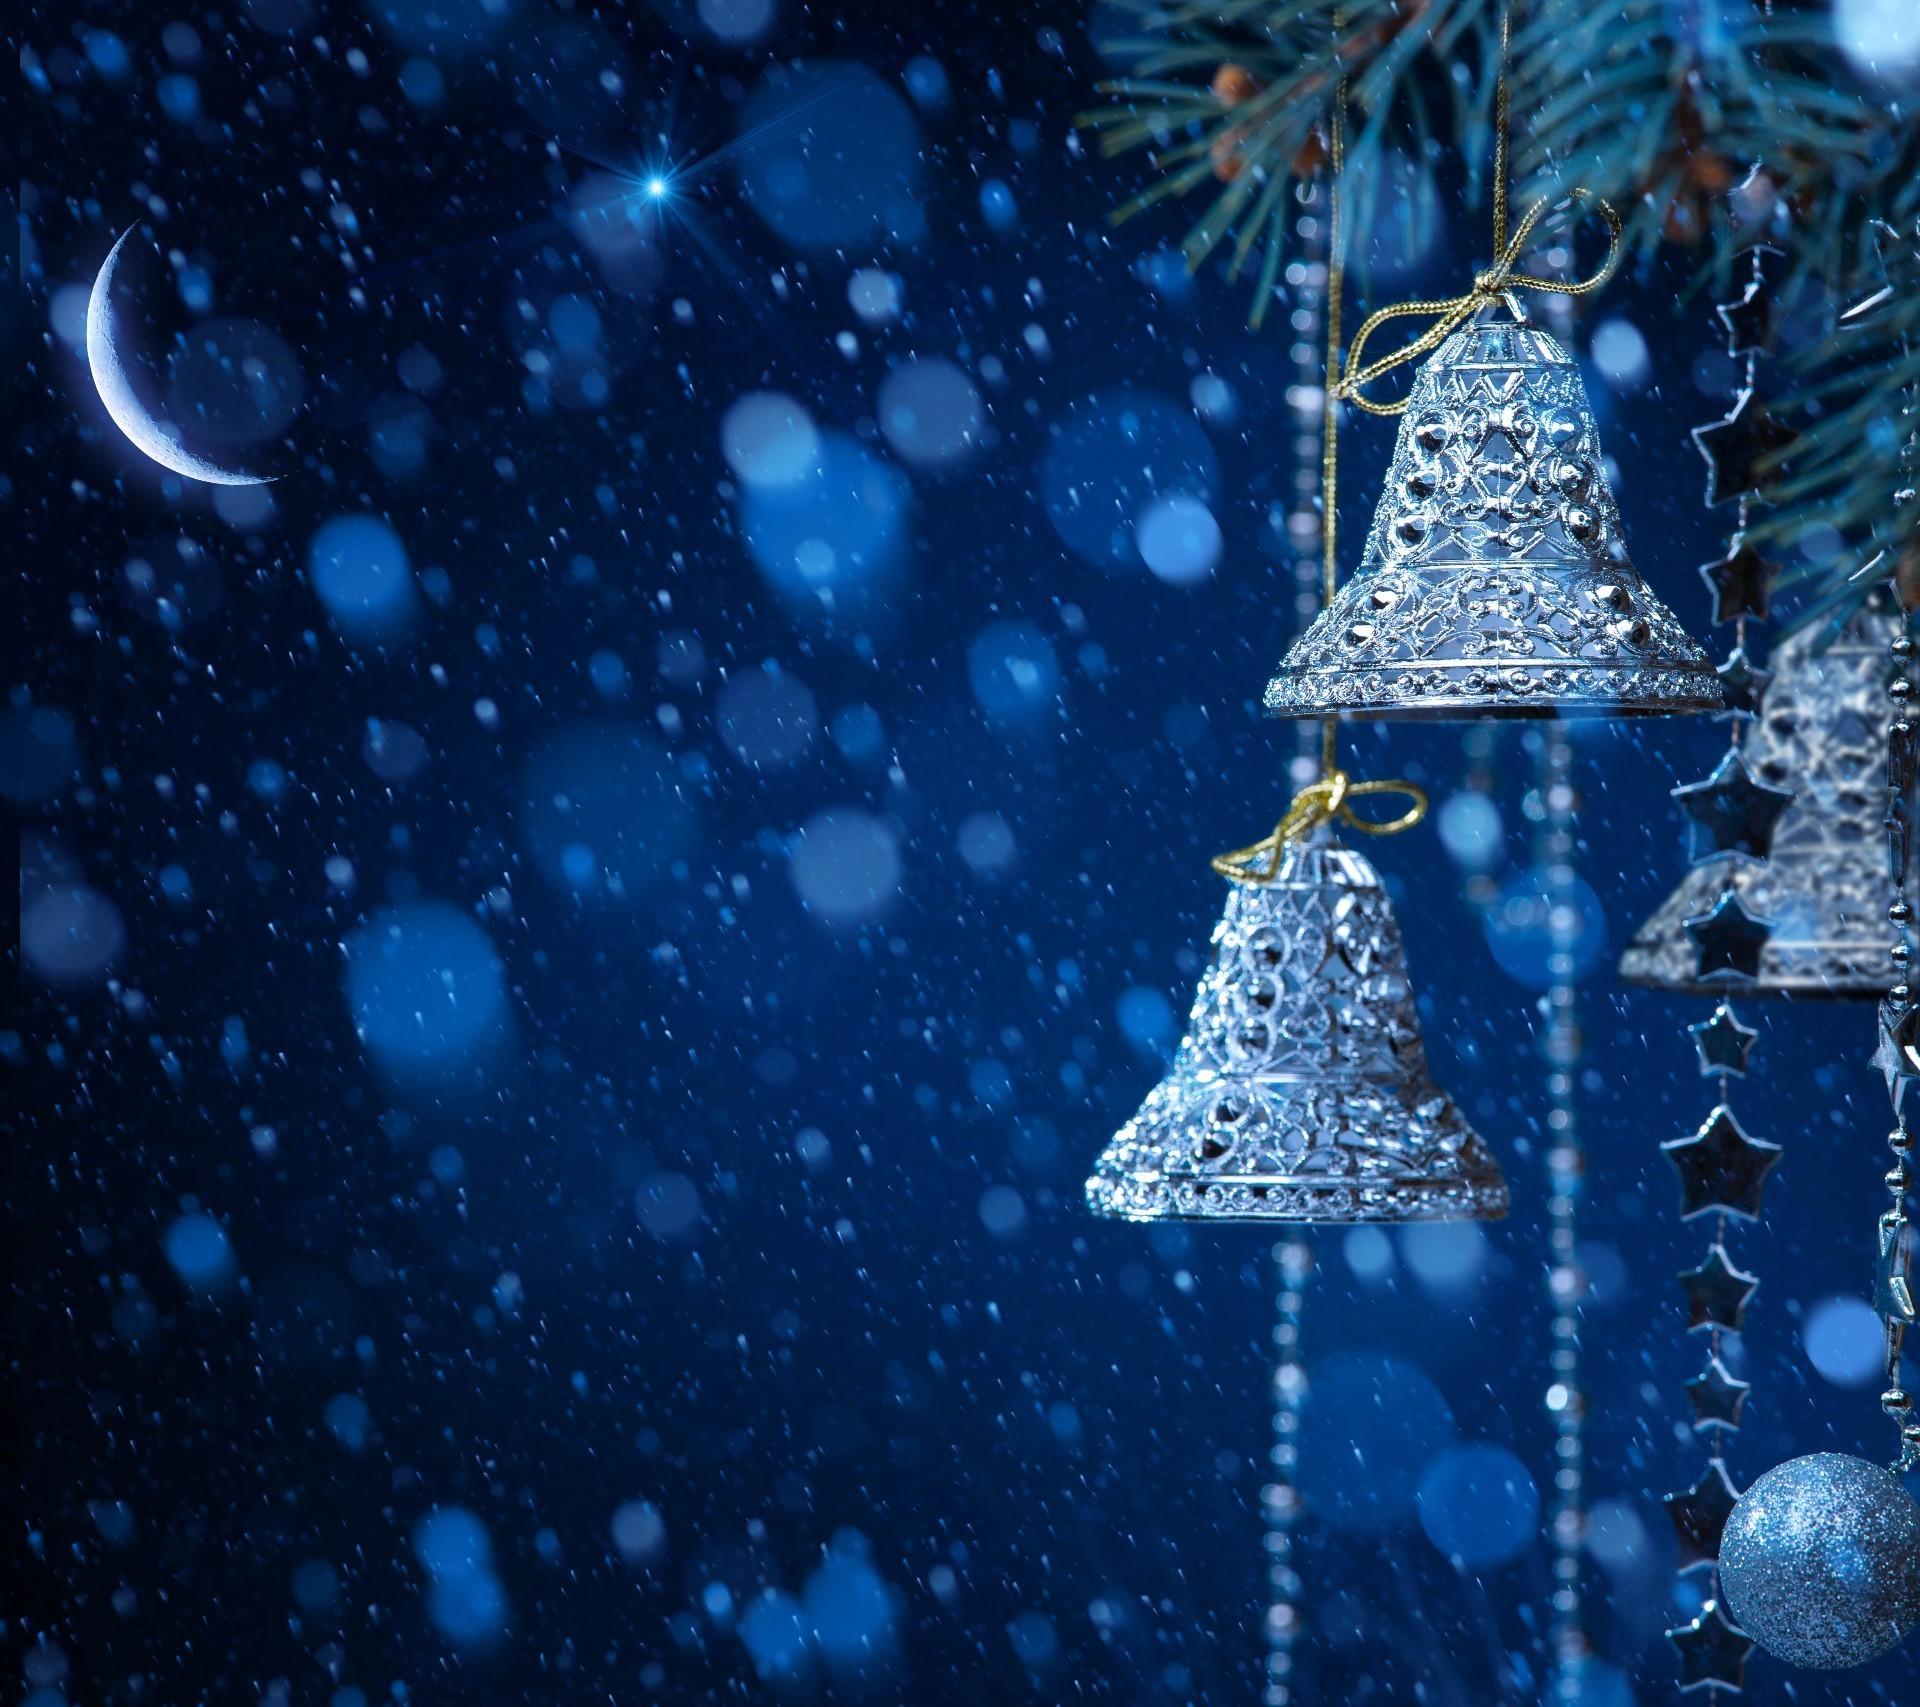 зима рождество картинки на телефон каждый пользователь сталкивался